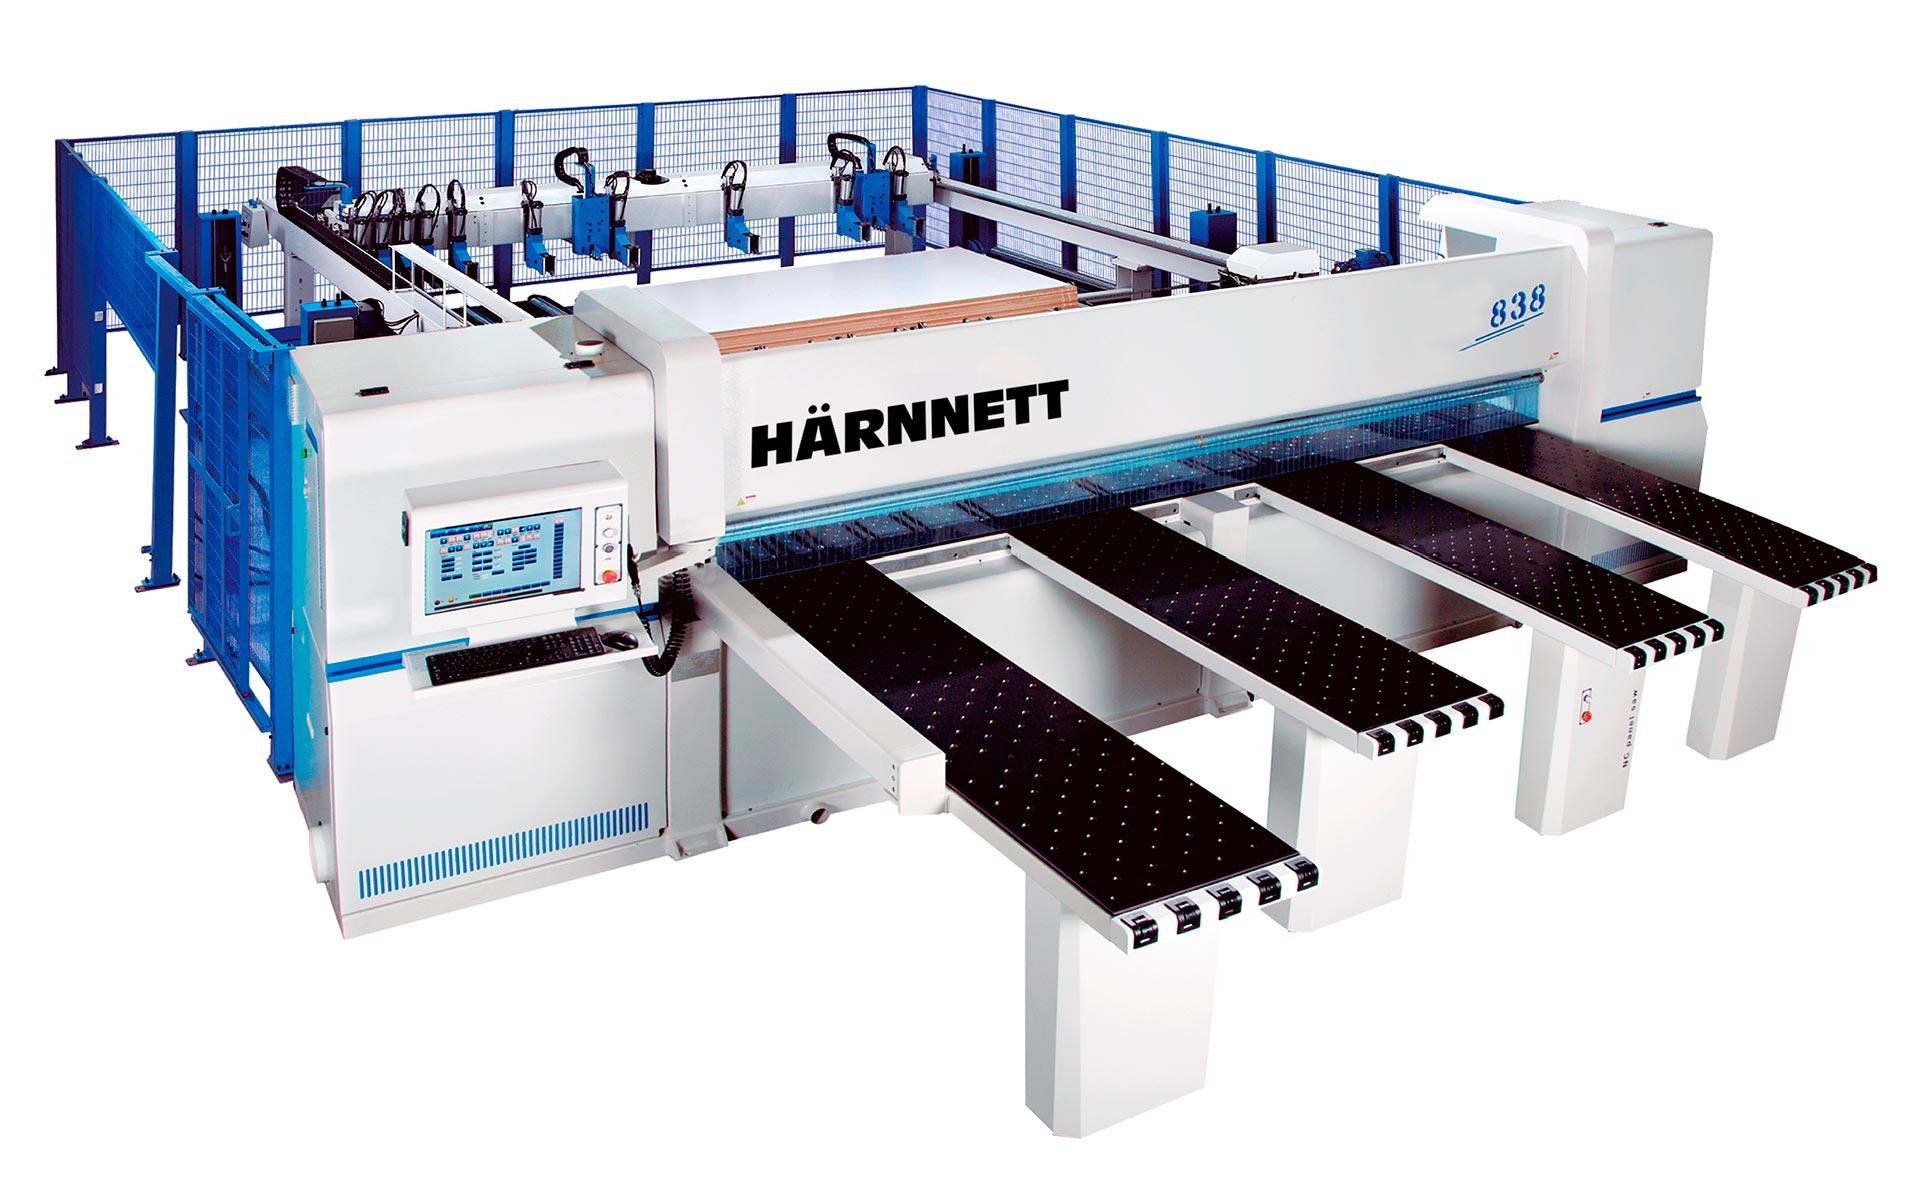 https://www.harnnett.es/wp-content/uploads/838L-HARNNETT.jpg